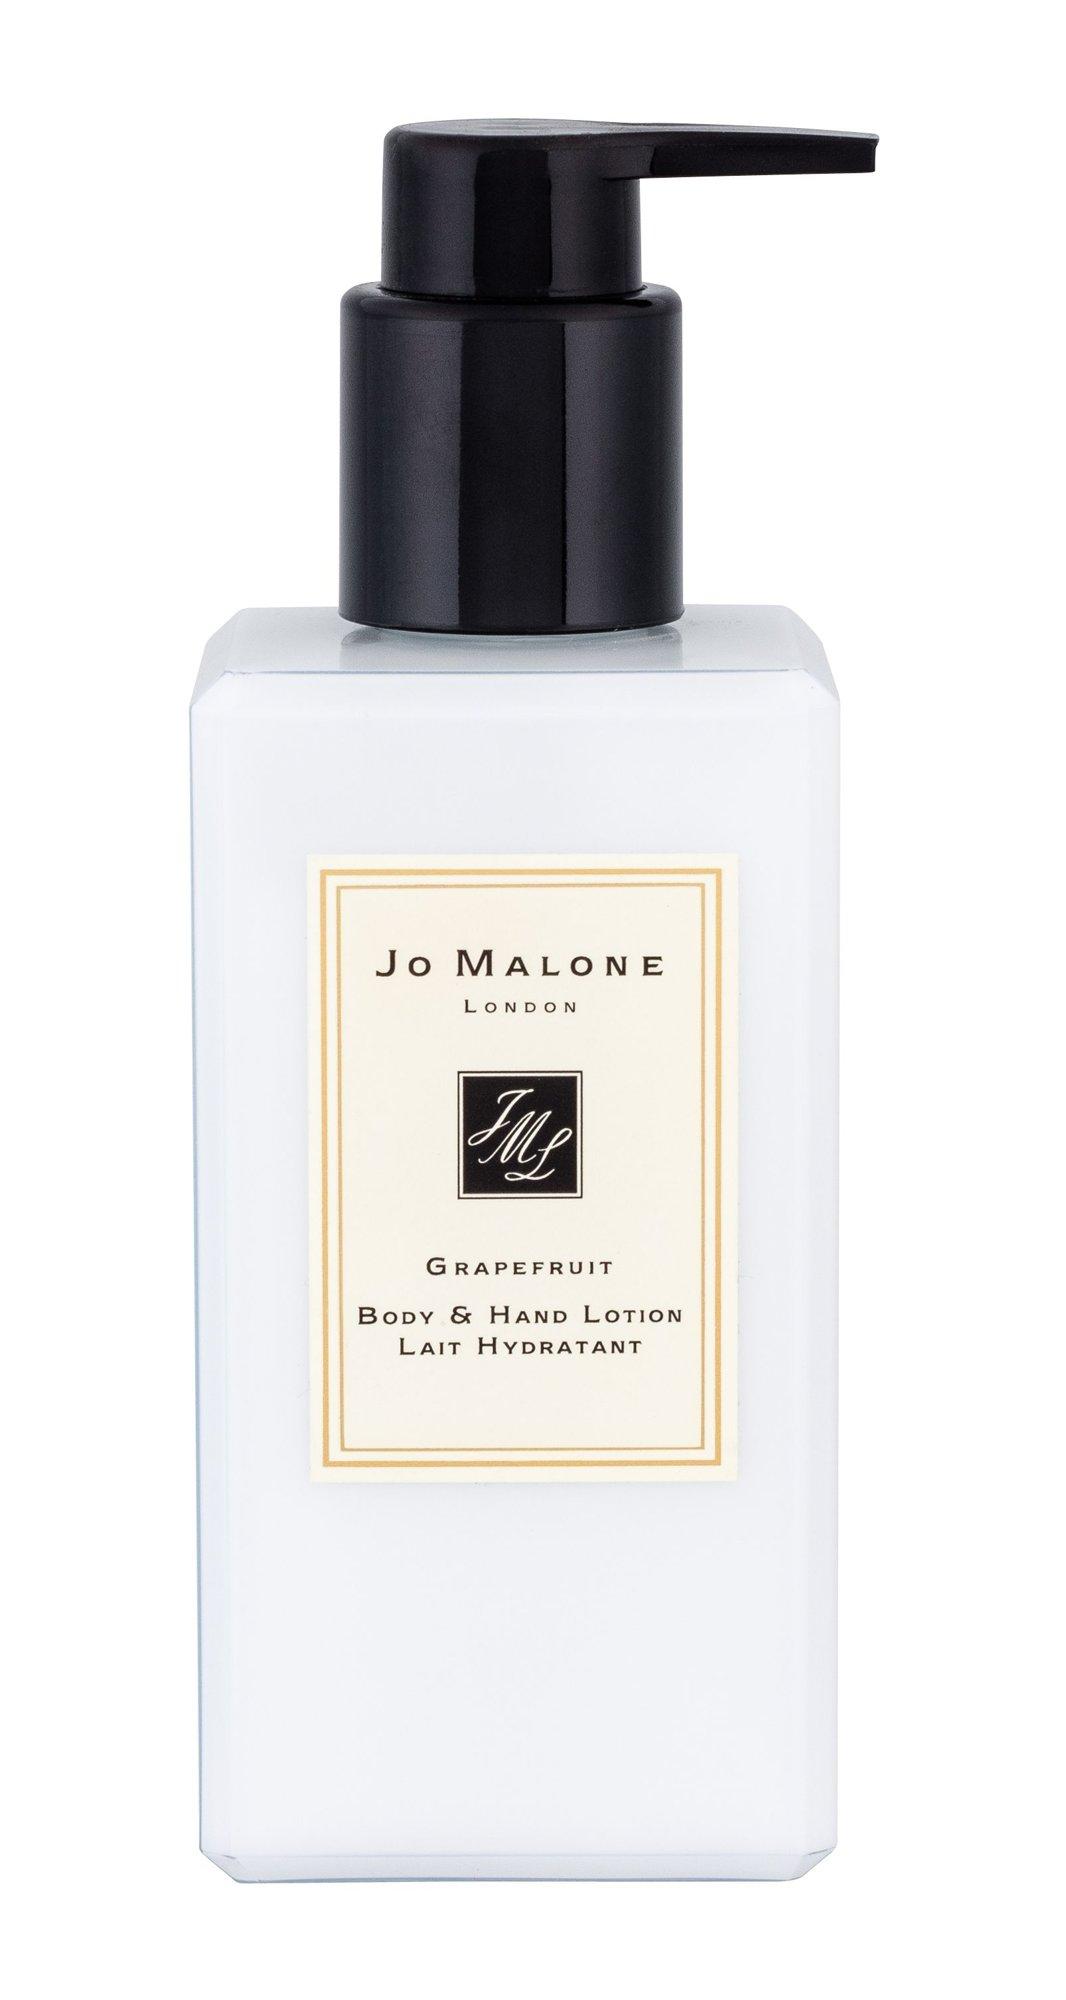 Jo Malone Grapefruit Body Lotion 250ml